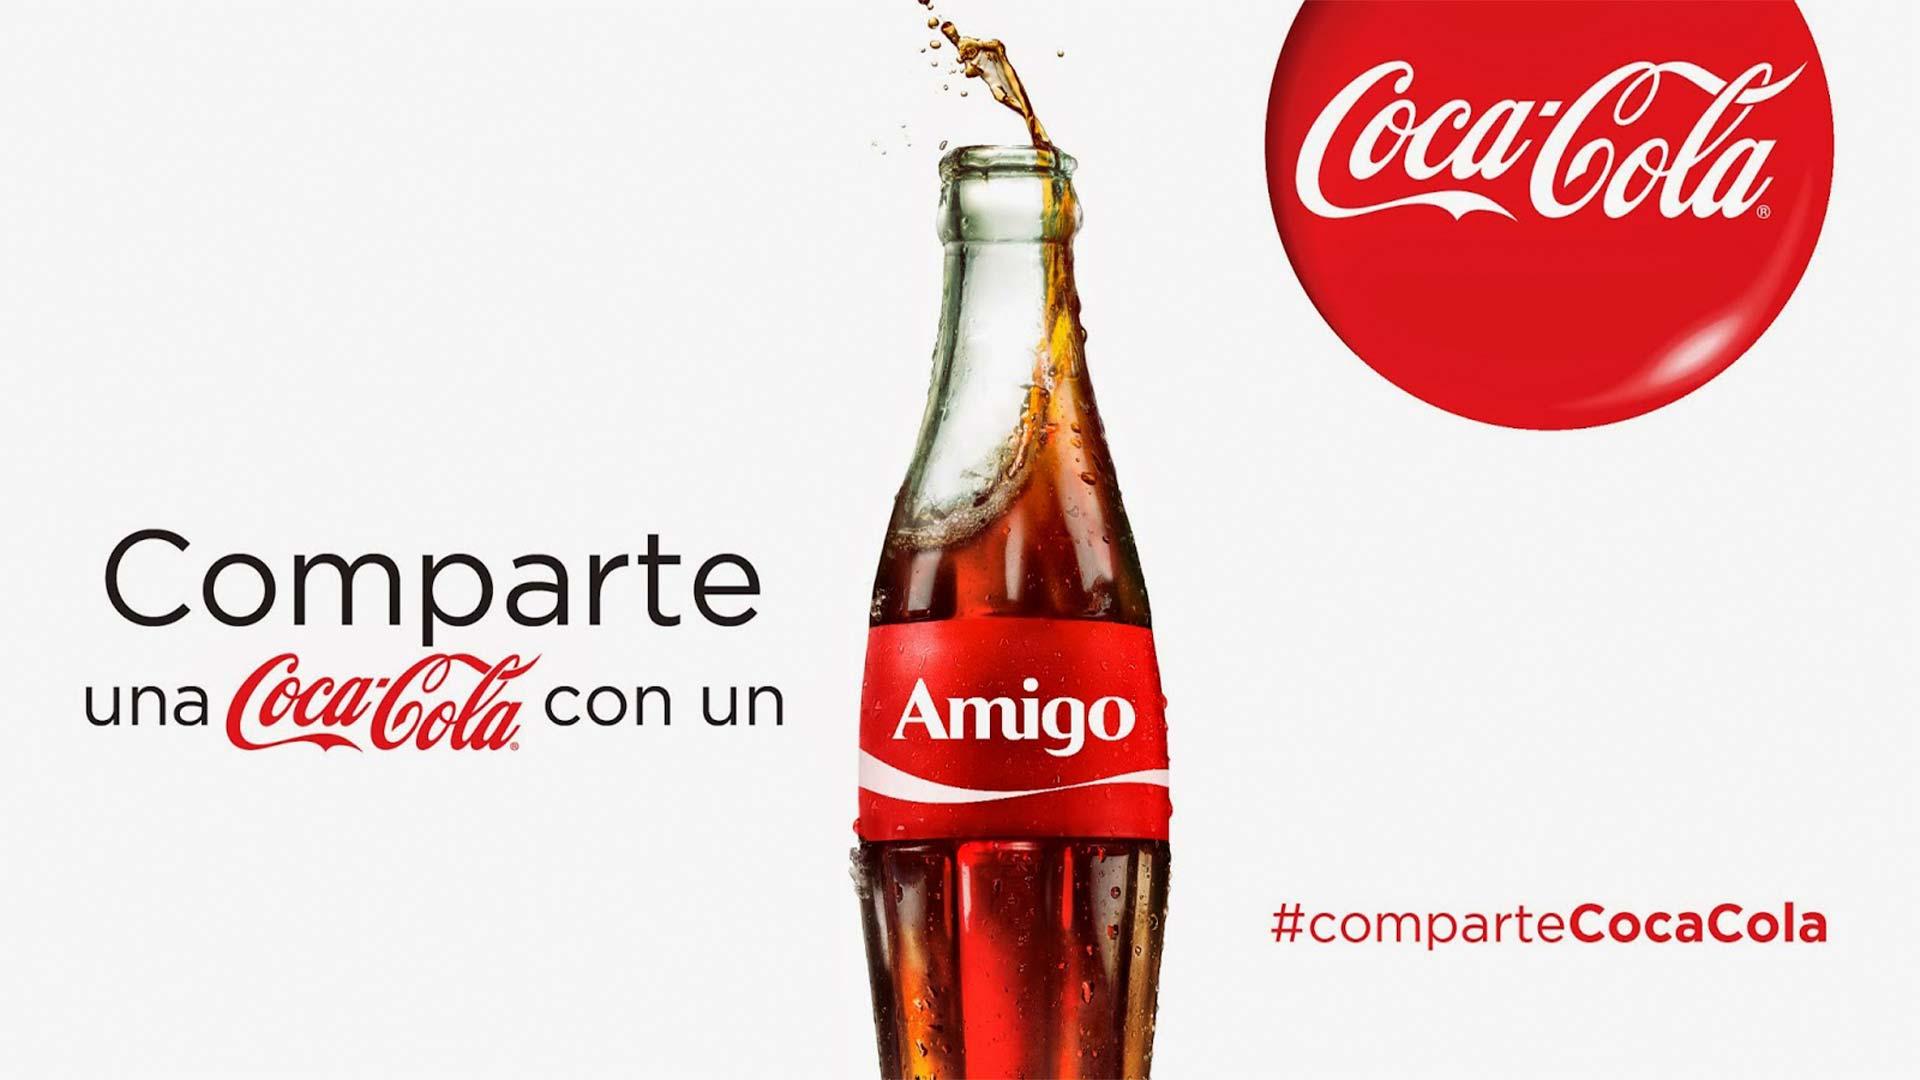 distribuidor de Coca-Cola